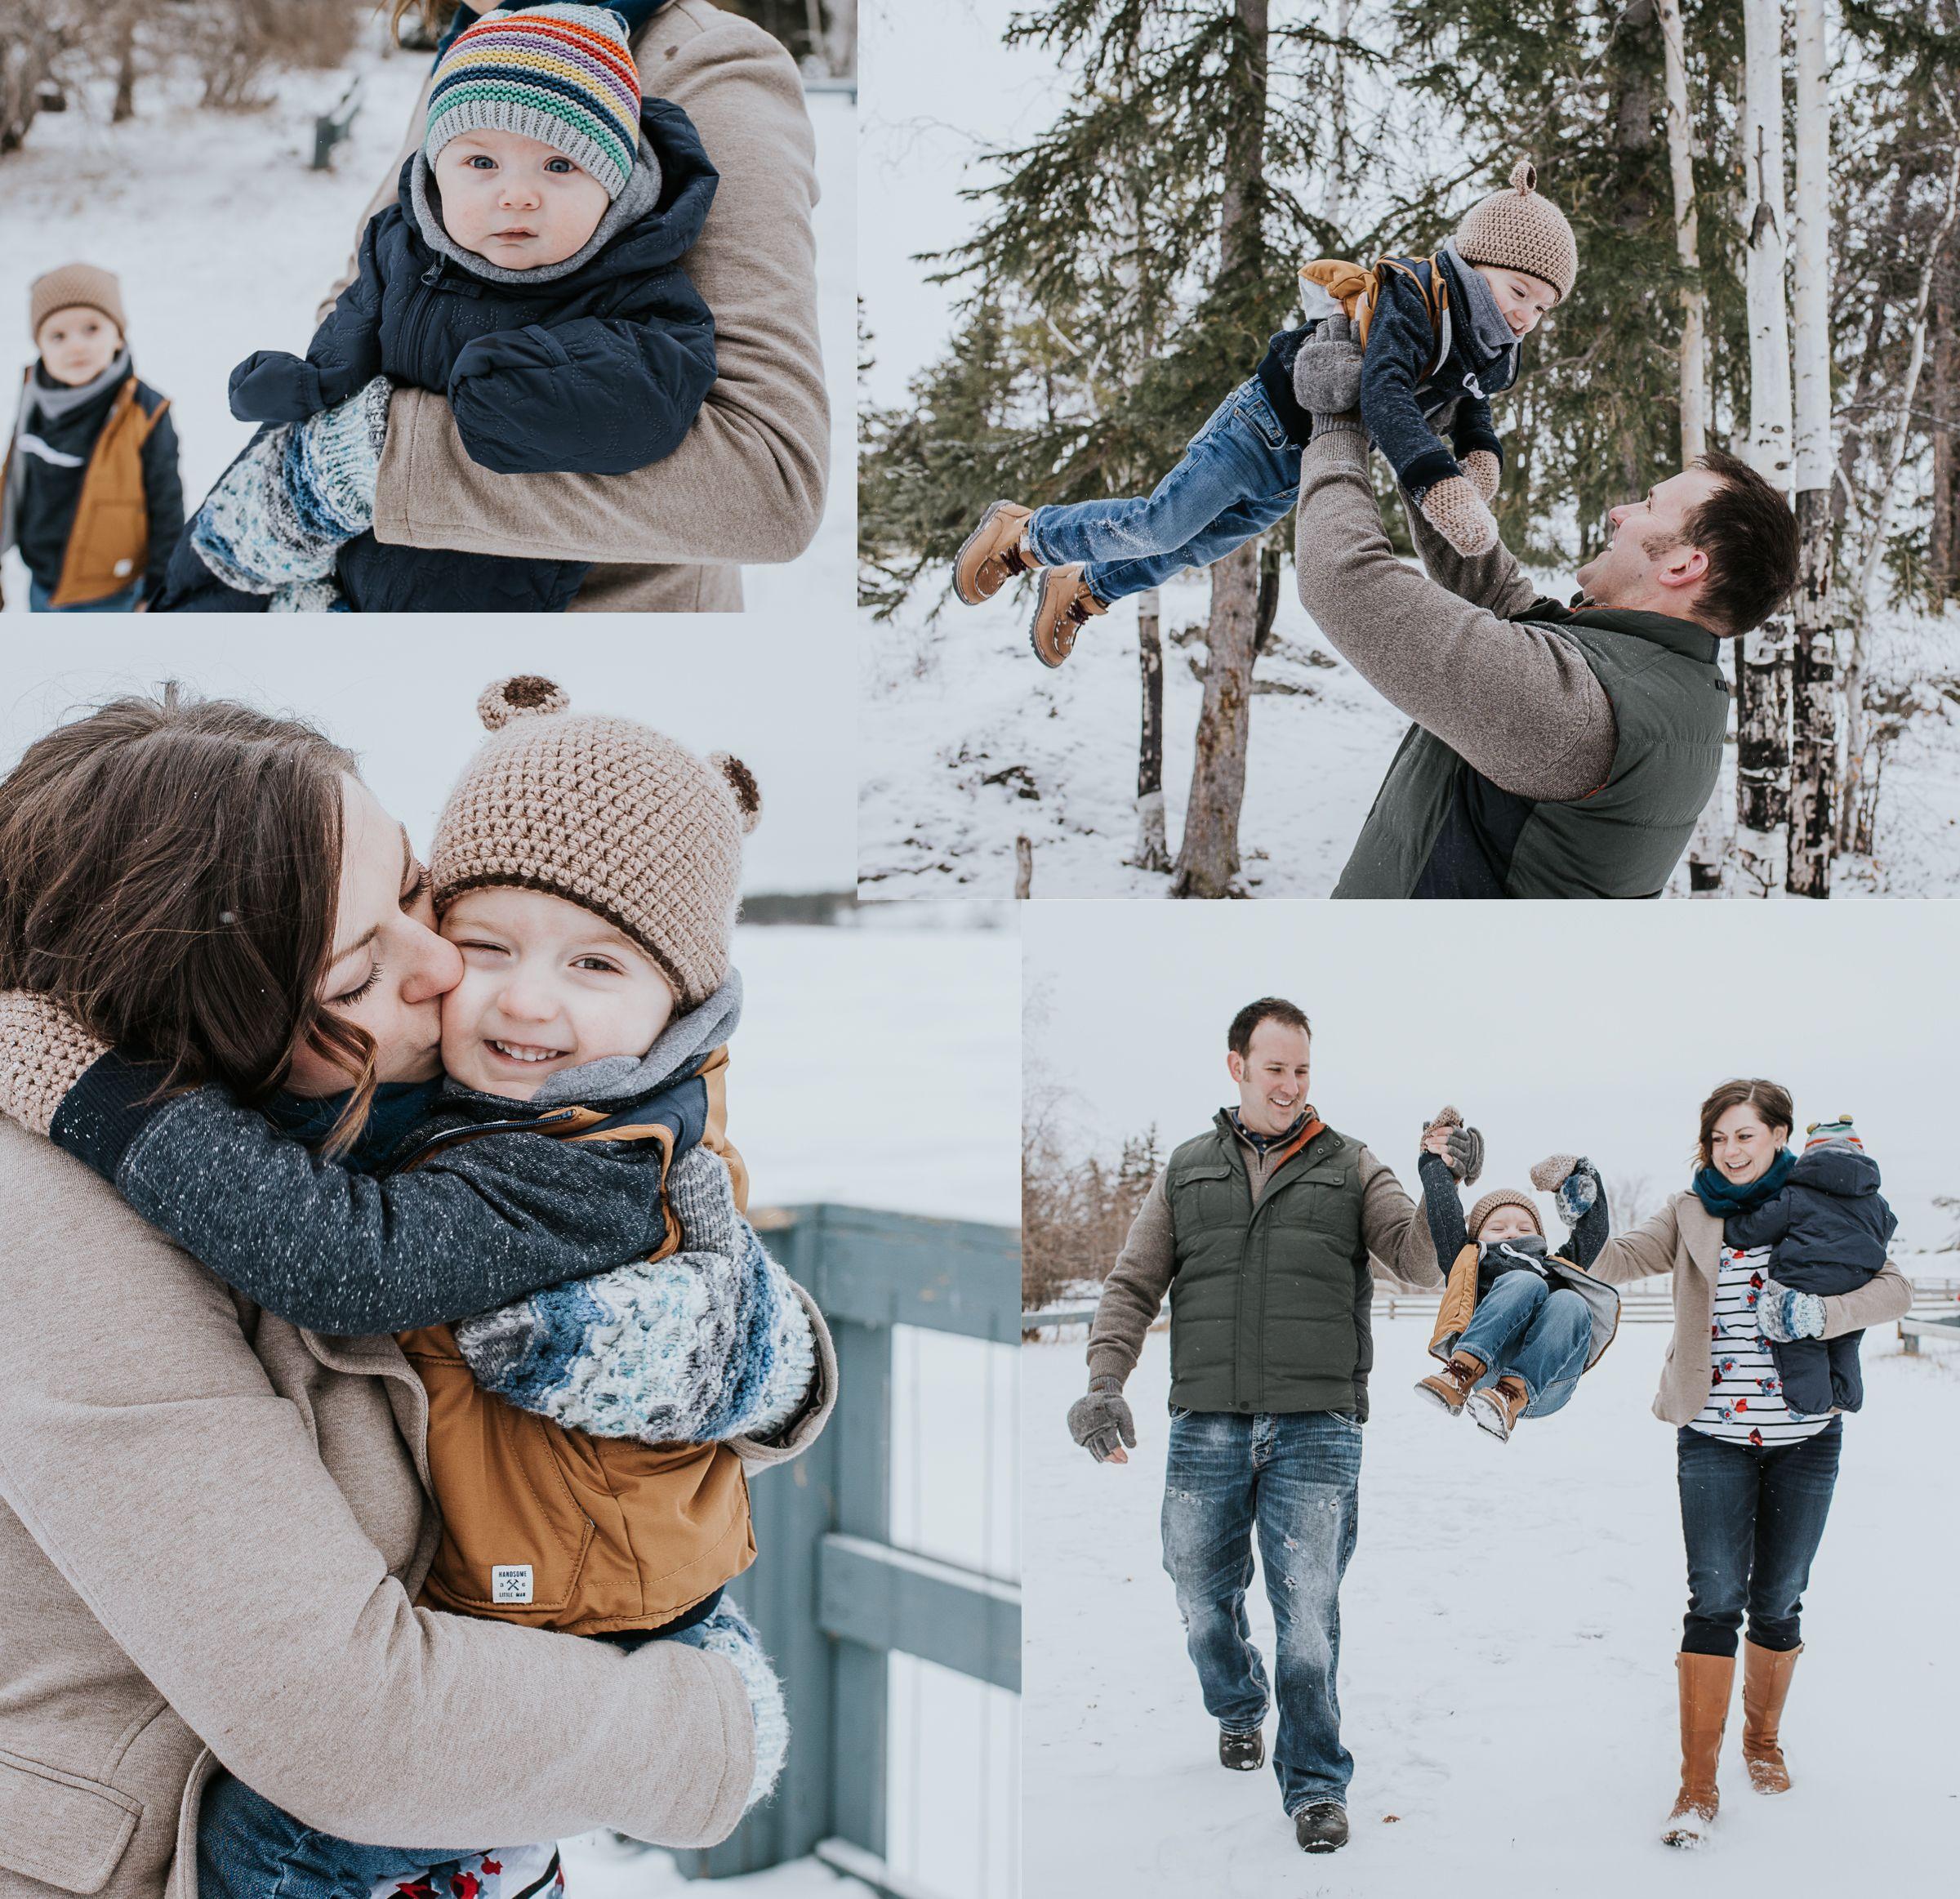 поворот идеи для фотосессии семьей зимой стоит